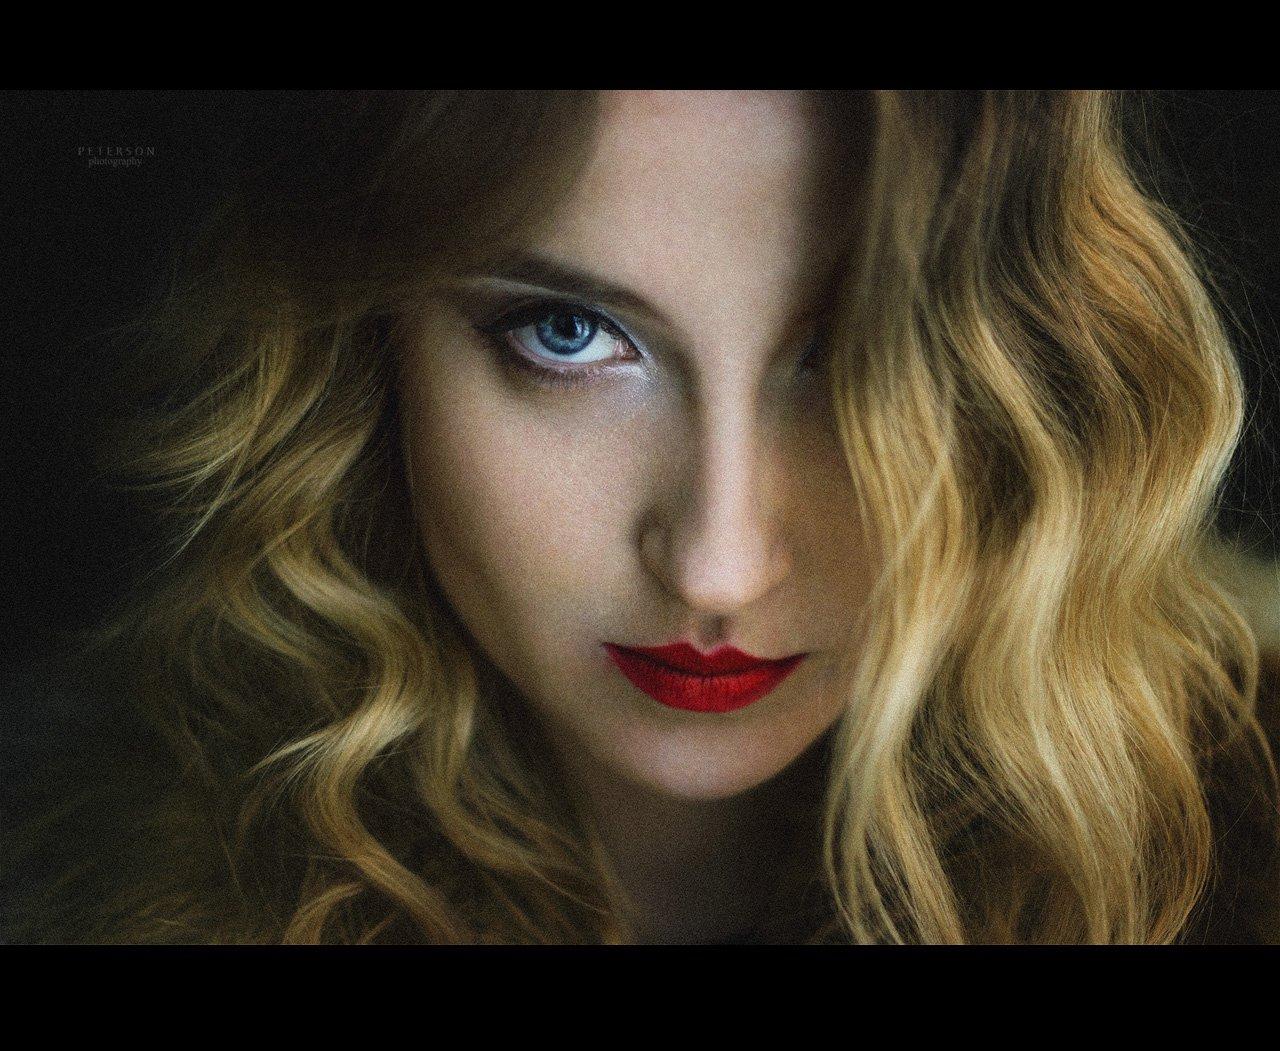 губы красная помада блондинка девушка красота голубоглазая джокер, Петерсон Юлия